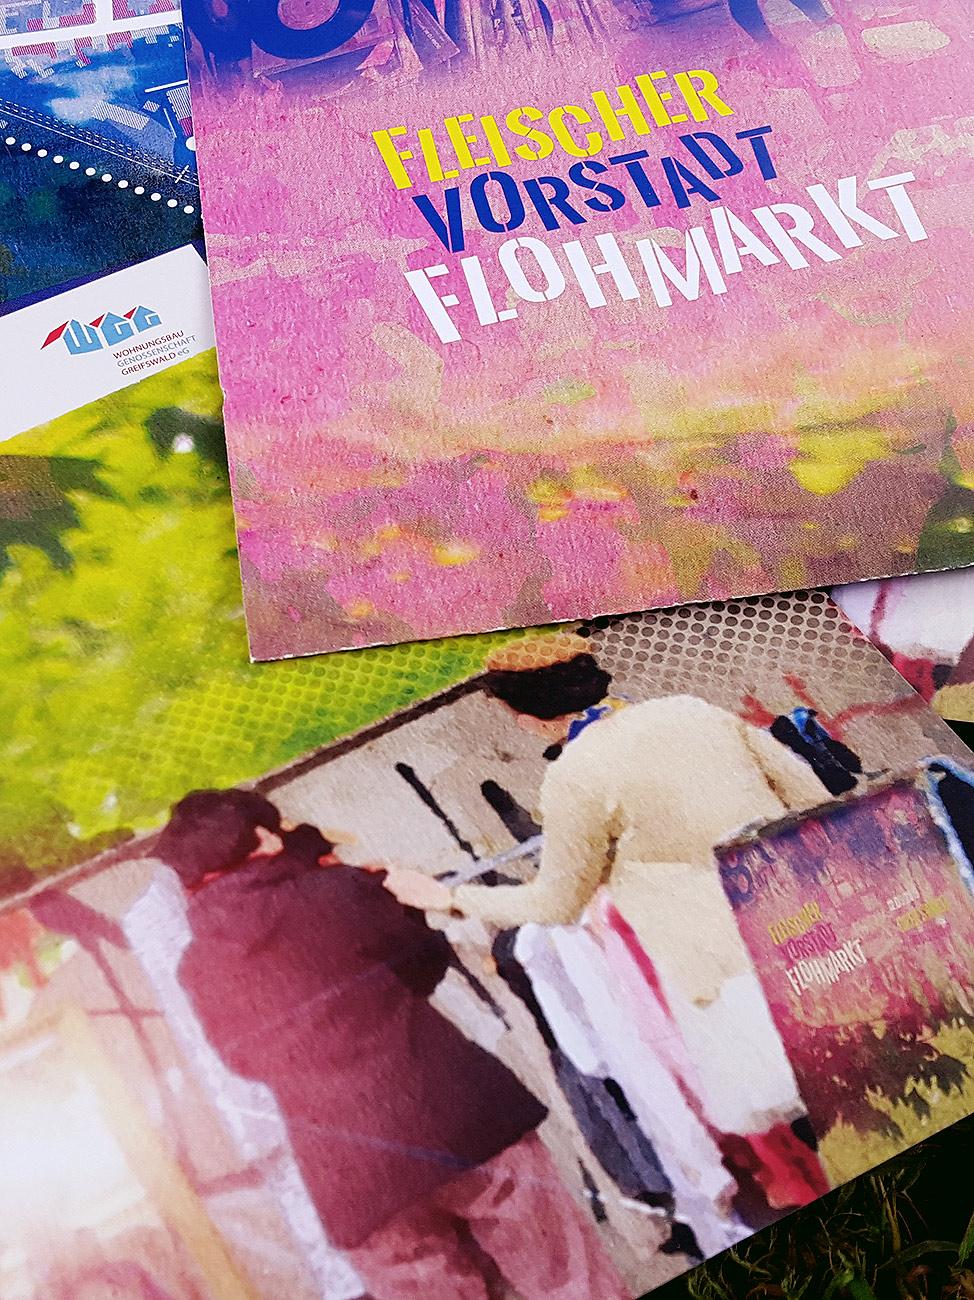 Flyer für den Fleischervorstadt-Flohmarkt, 2019 in Greifswald